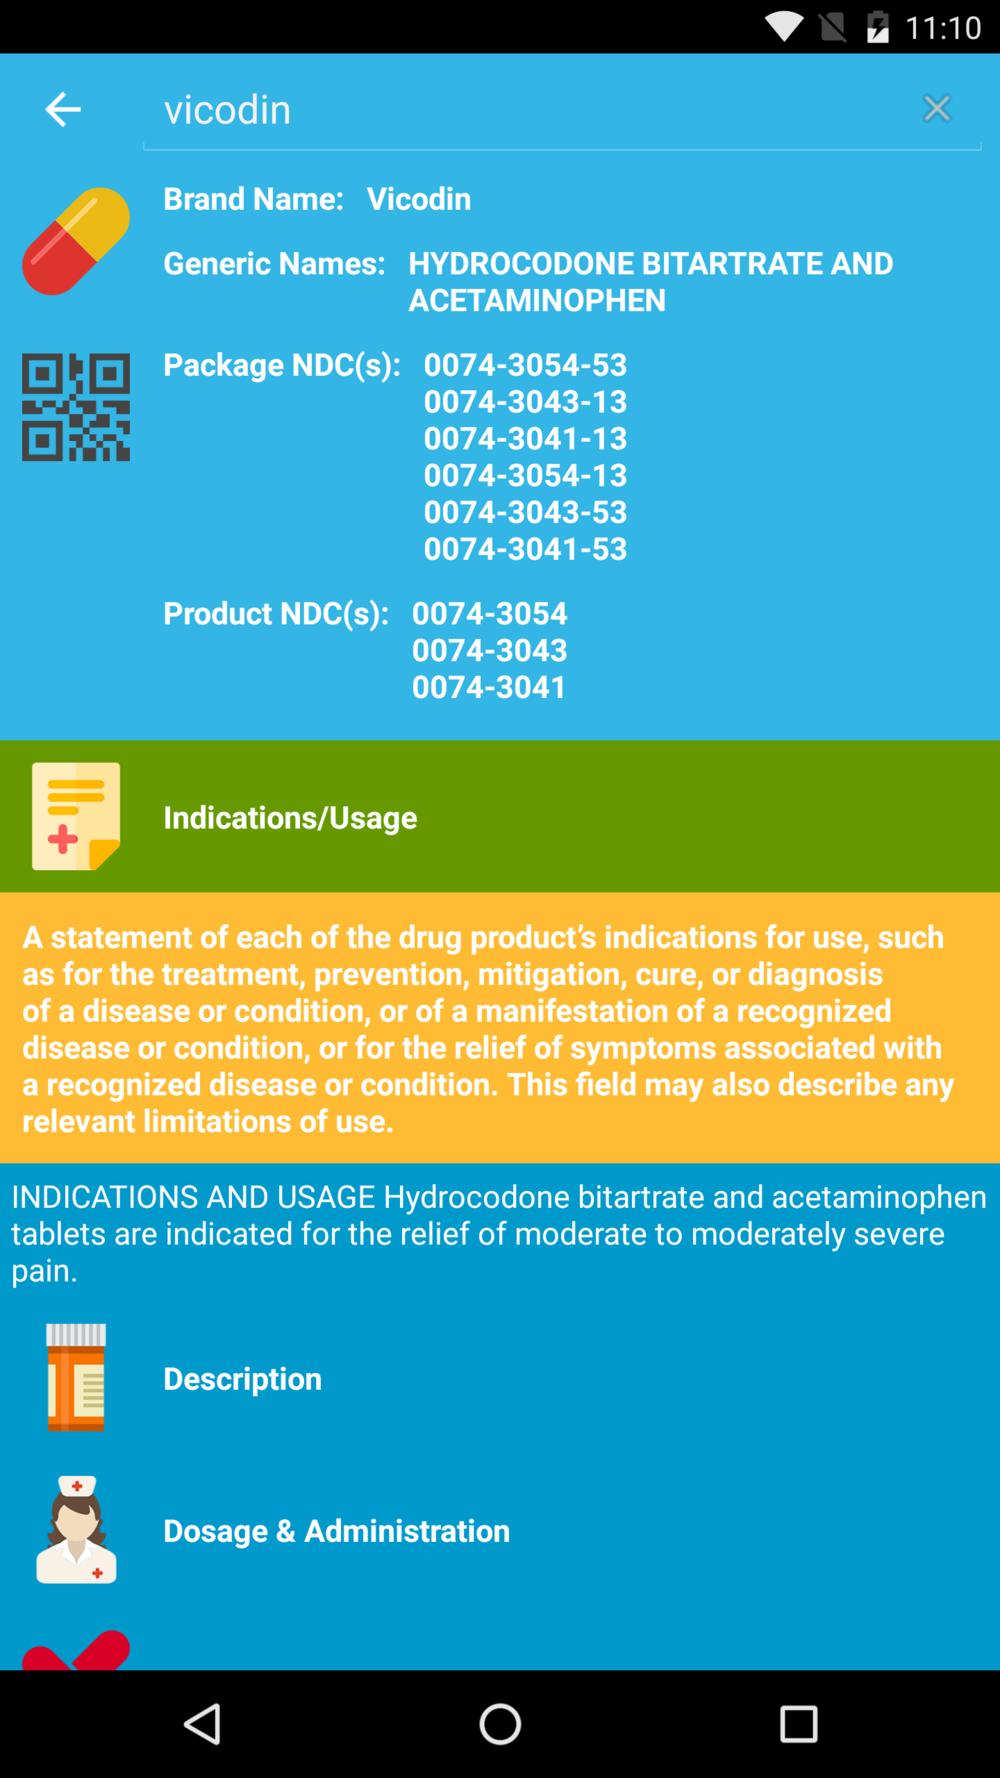 KnowRx Drug Details